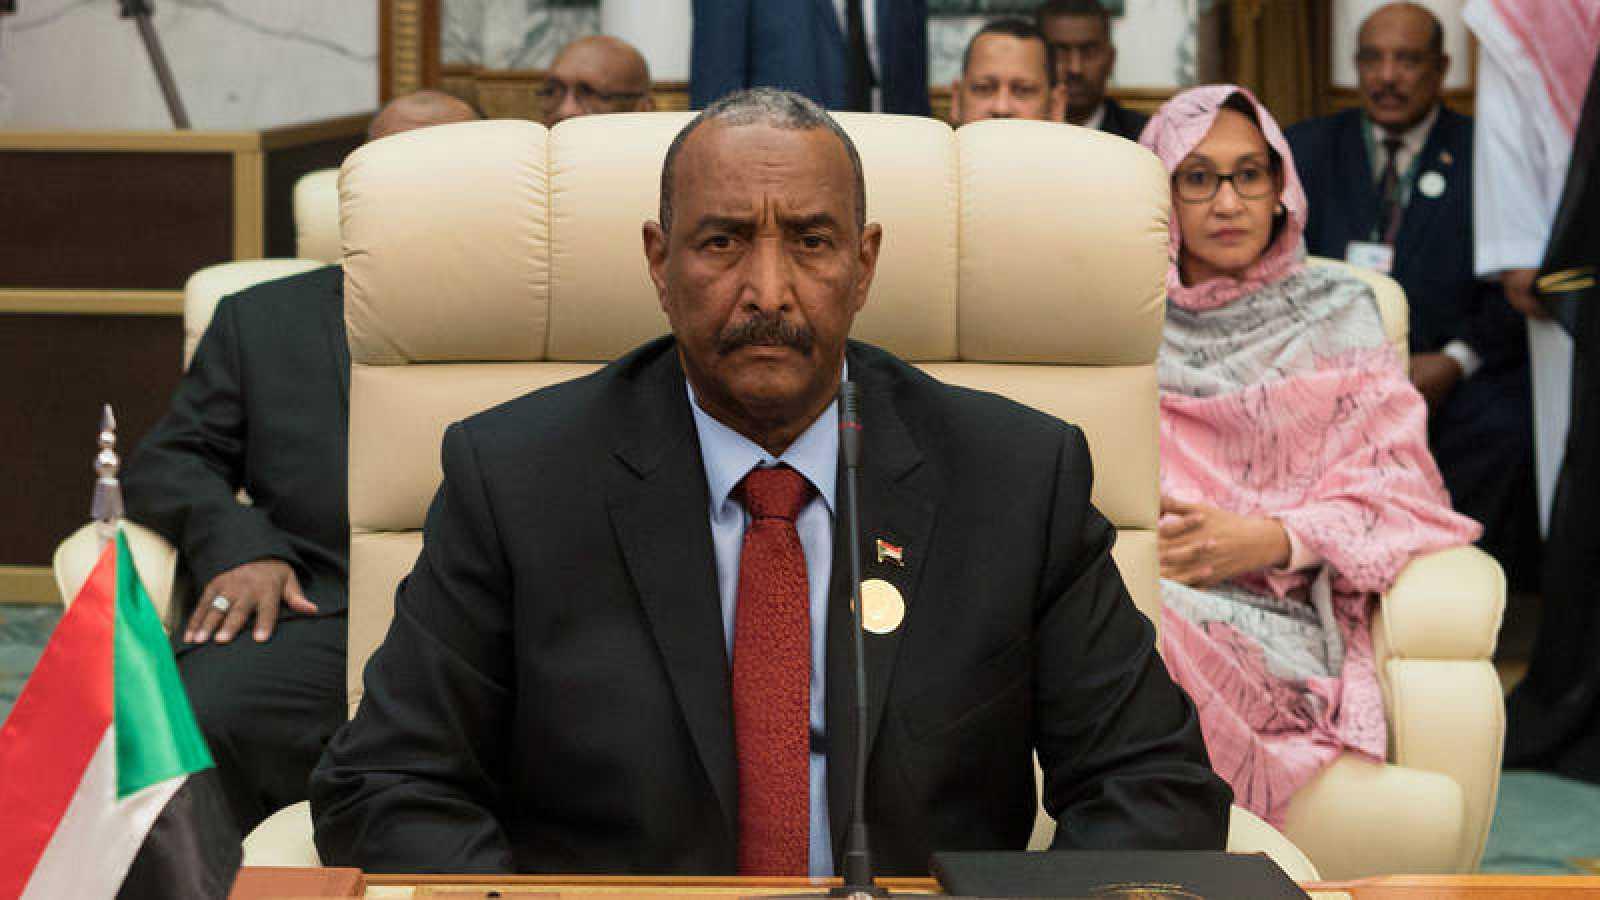 El presidente del Consejo Militar Transitorio de Sudán, Abdelfatah Burhan